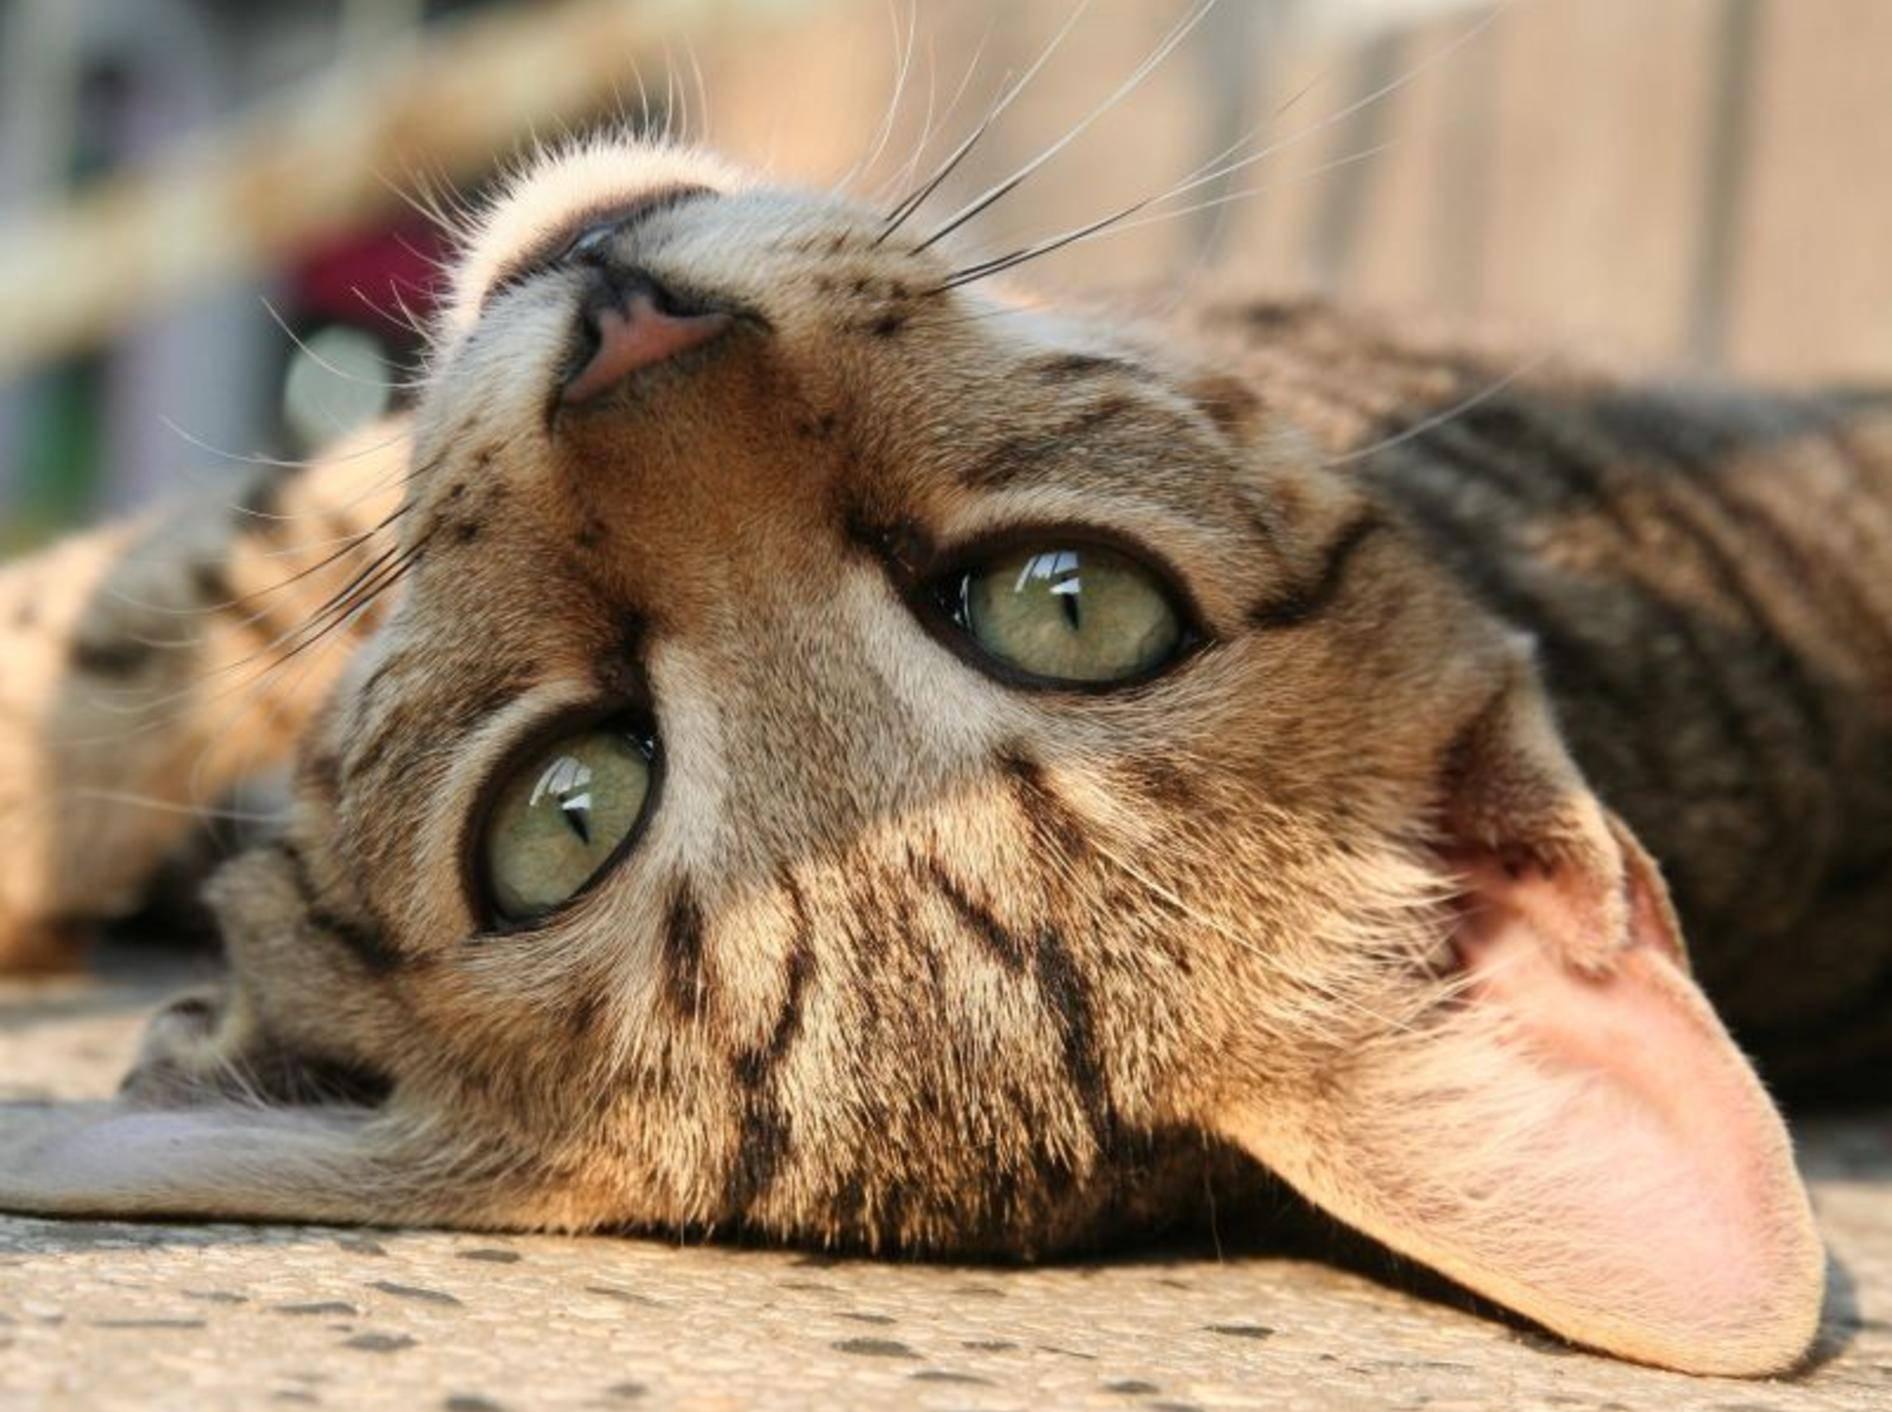 Katzen sind bekannt dafür, gerne stundenlang in der Sonne zu liegen — Bild: Shutterstock / Koriolis